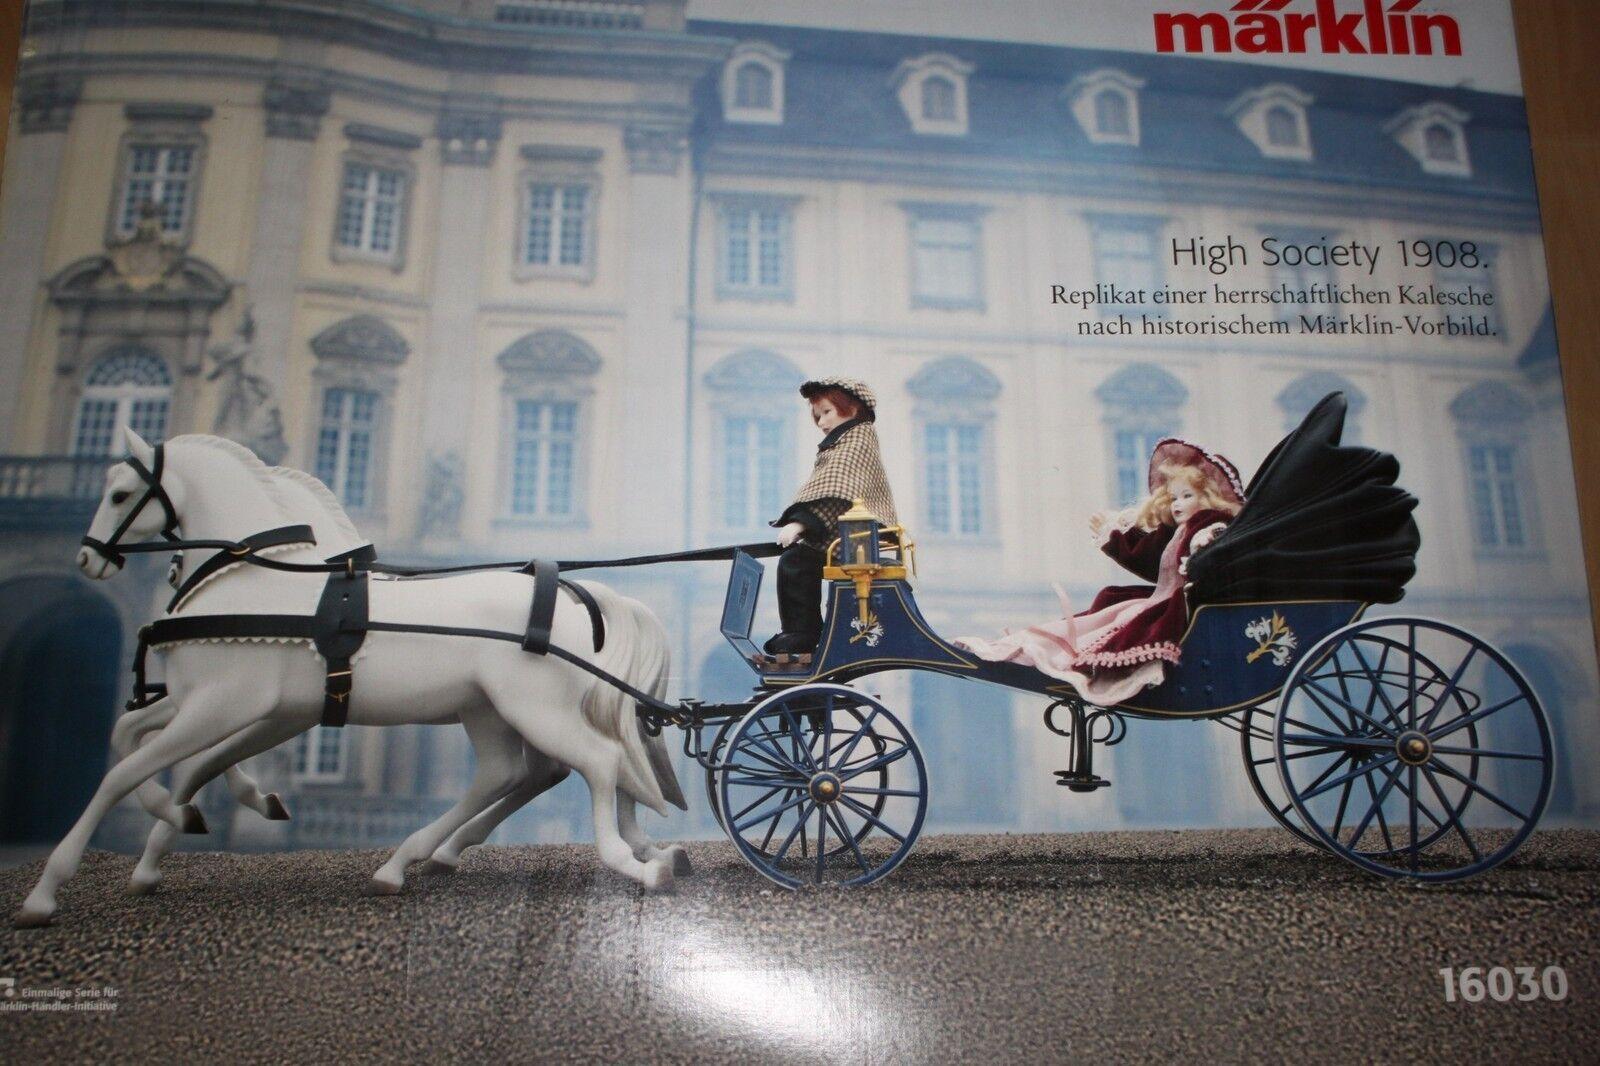 Märklin 16030 nobiliare kalesche bambole carrozza e cavalli PORCELLANA OVP